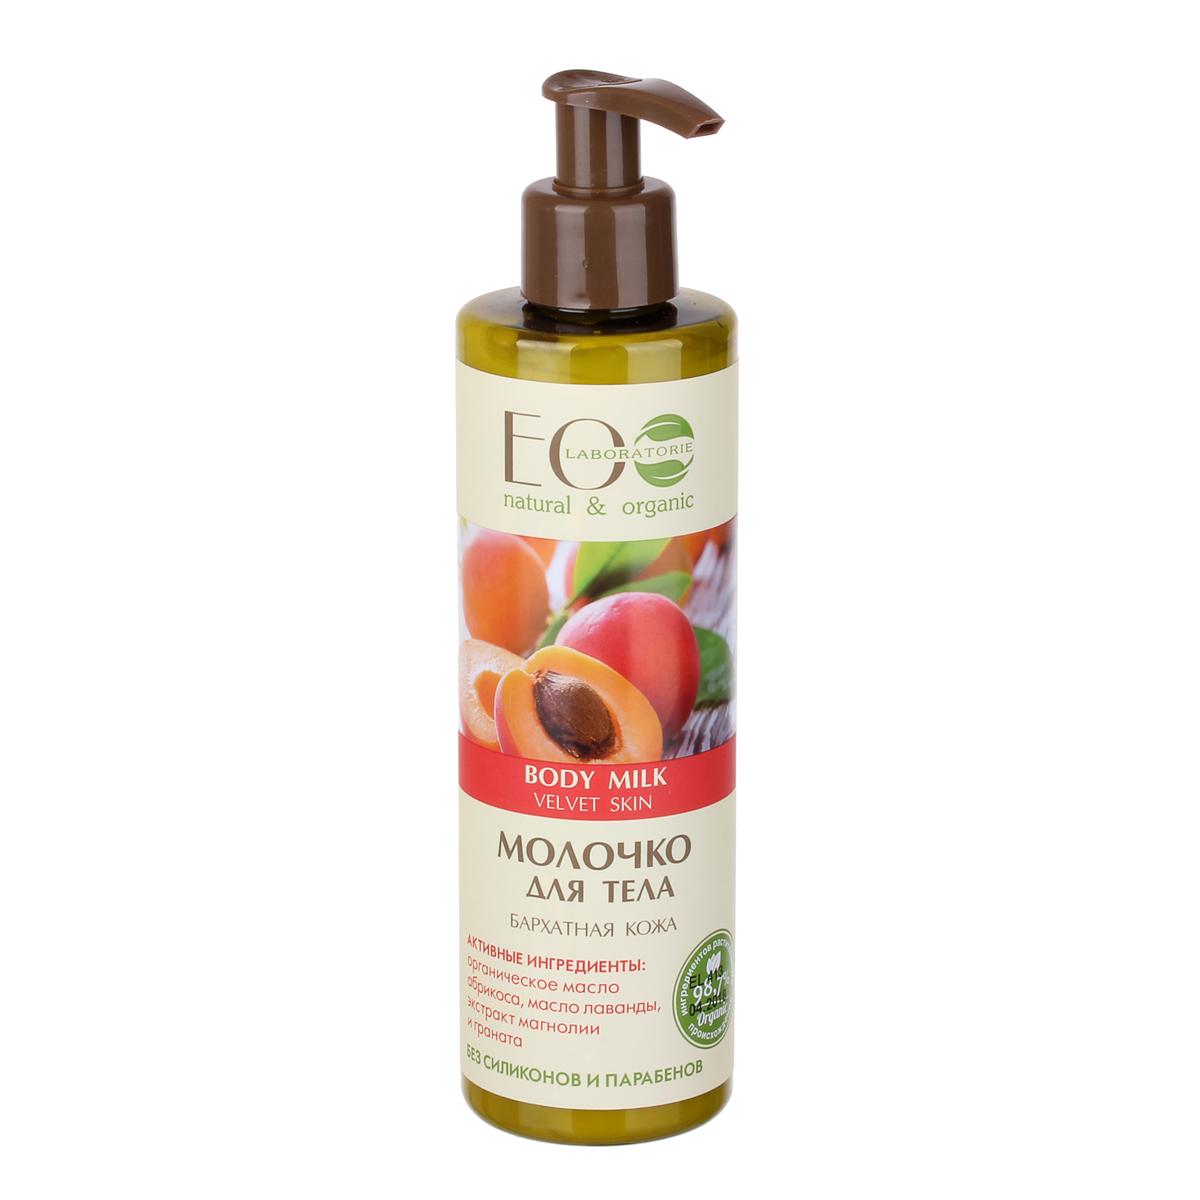 EcoLab ЭкоЛаб Молочко для тела Бархатная кожа 250 мл4627089430878Способствует поддержанию молодости кожи, ее обновлению и восстановлению. Увлажняет, смягчает кожу, делает её шелковистой, препятствует обезвоживанию, нейтрализует вредное воздействие ультрафиолетовых лучей. Активные ингредиенты: органическое масло абрикоса, масло лаванды, экстракт магнолии и граната